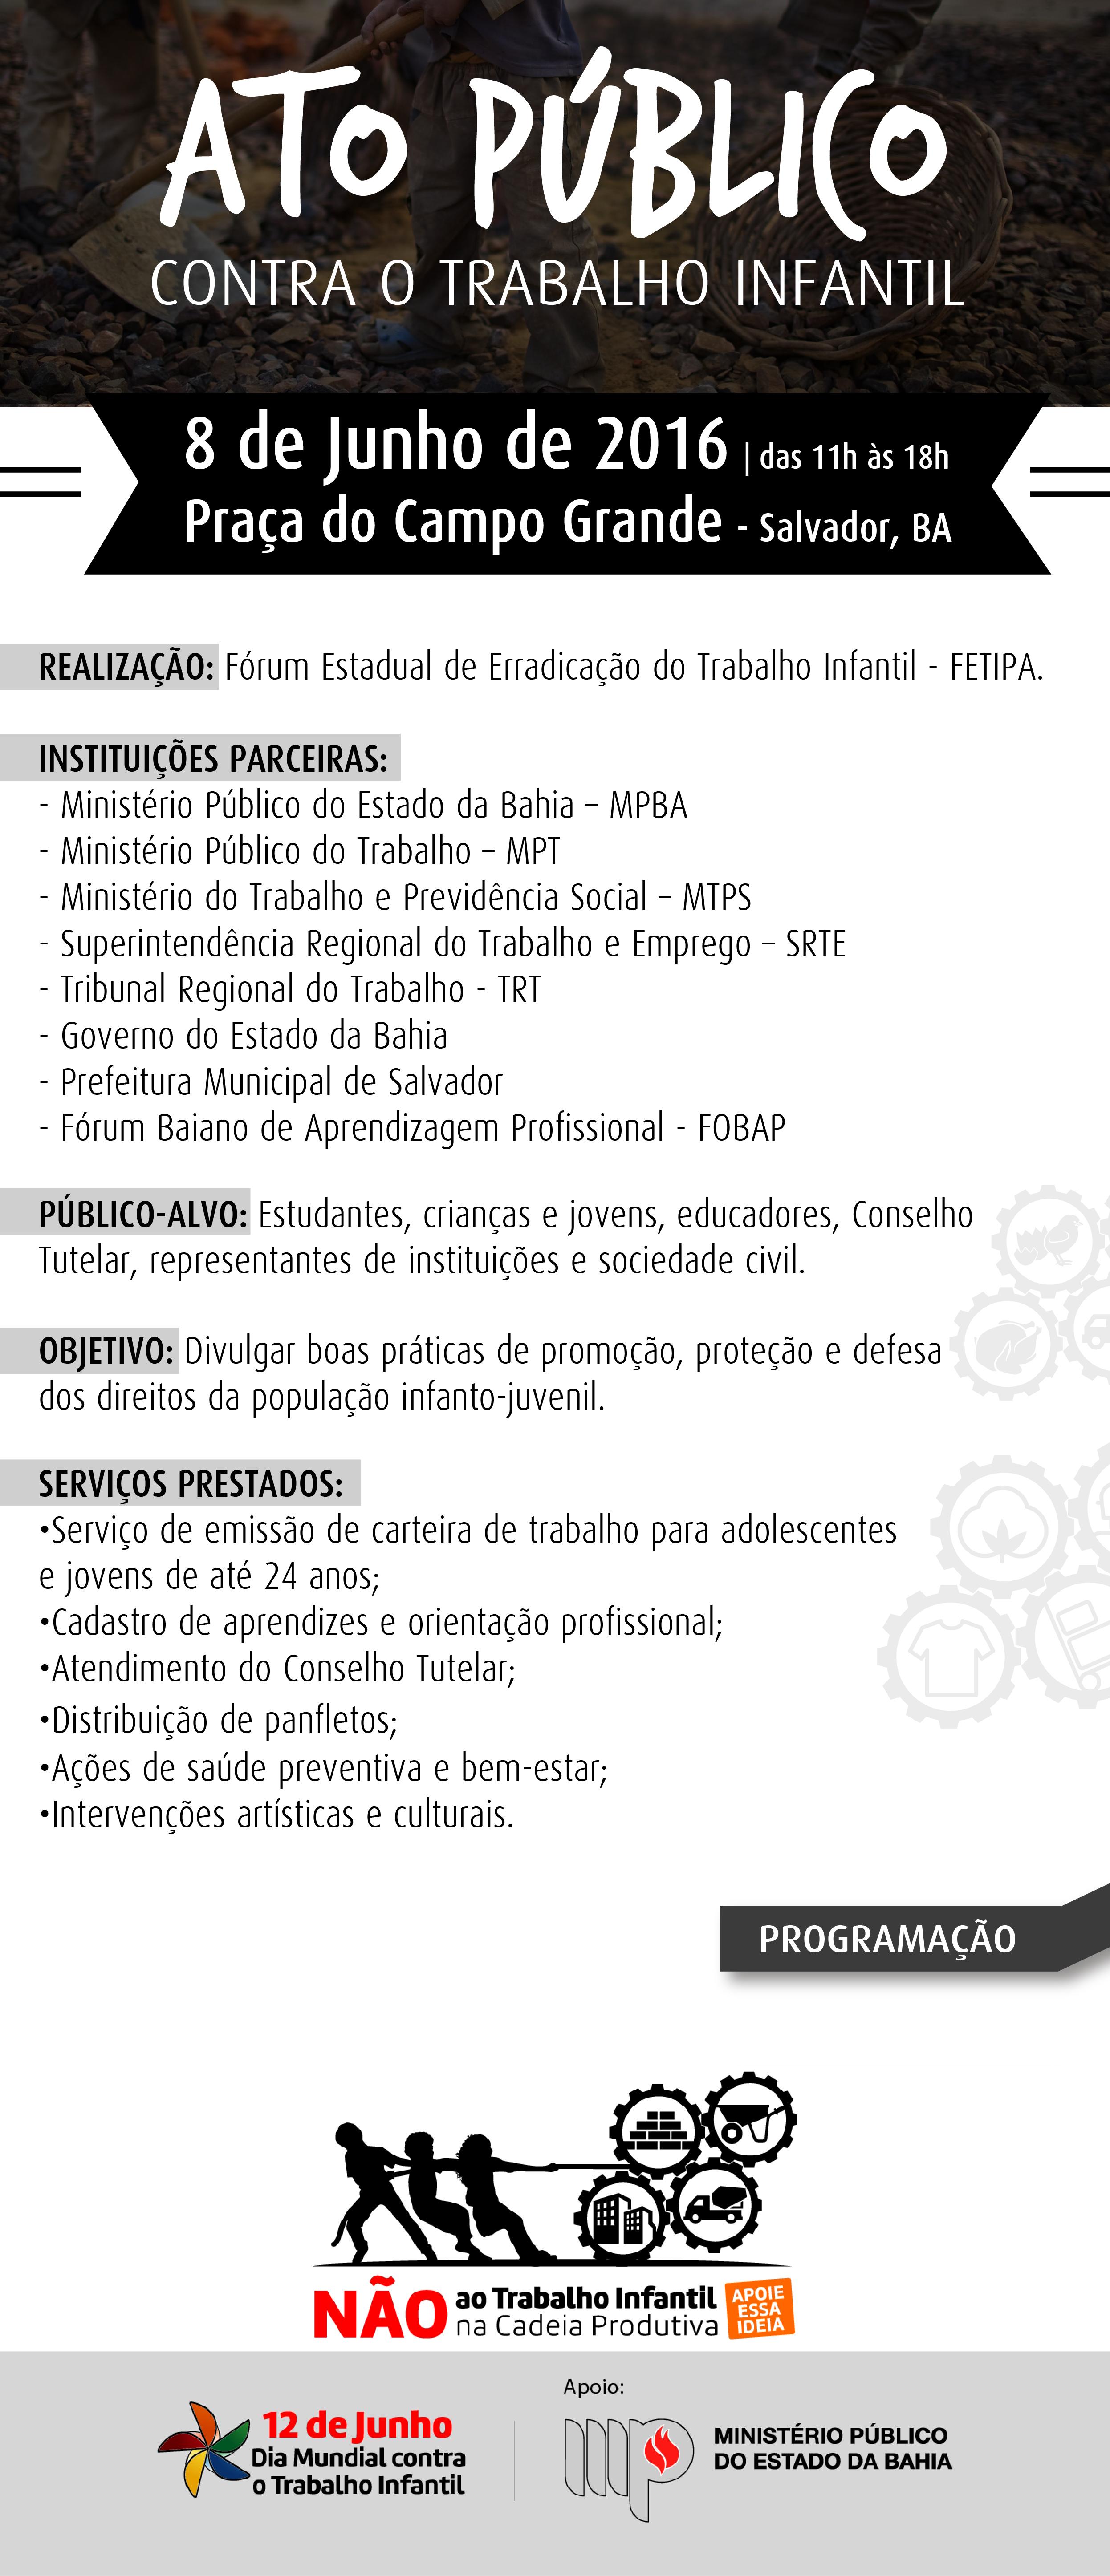 Informe_Ato Público